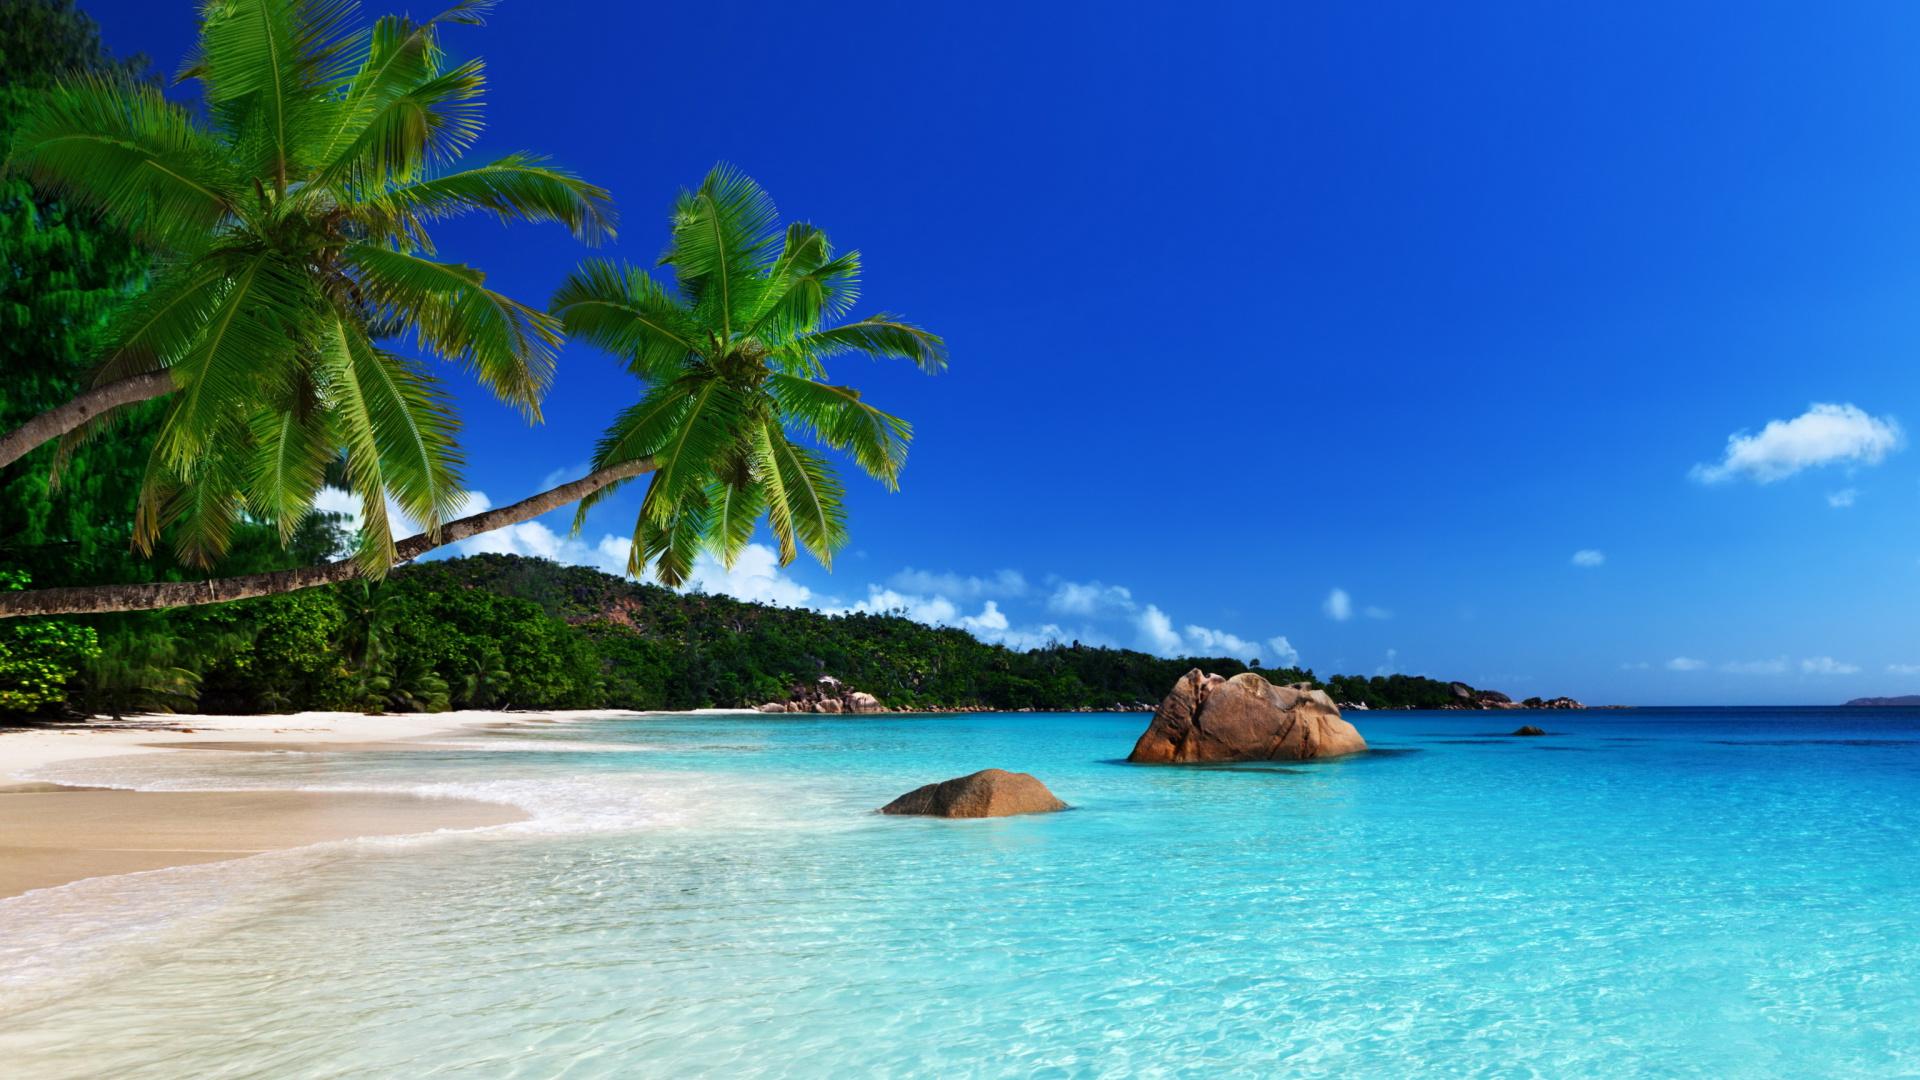 Turks and caicos islands coast sfondi gratuiti per desktop for Immagini per desktop mare